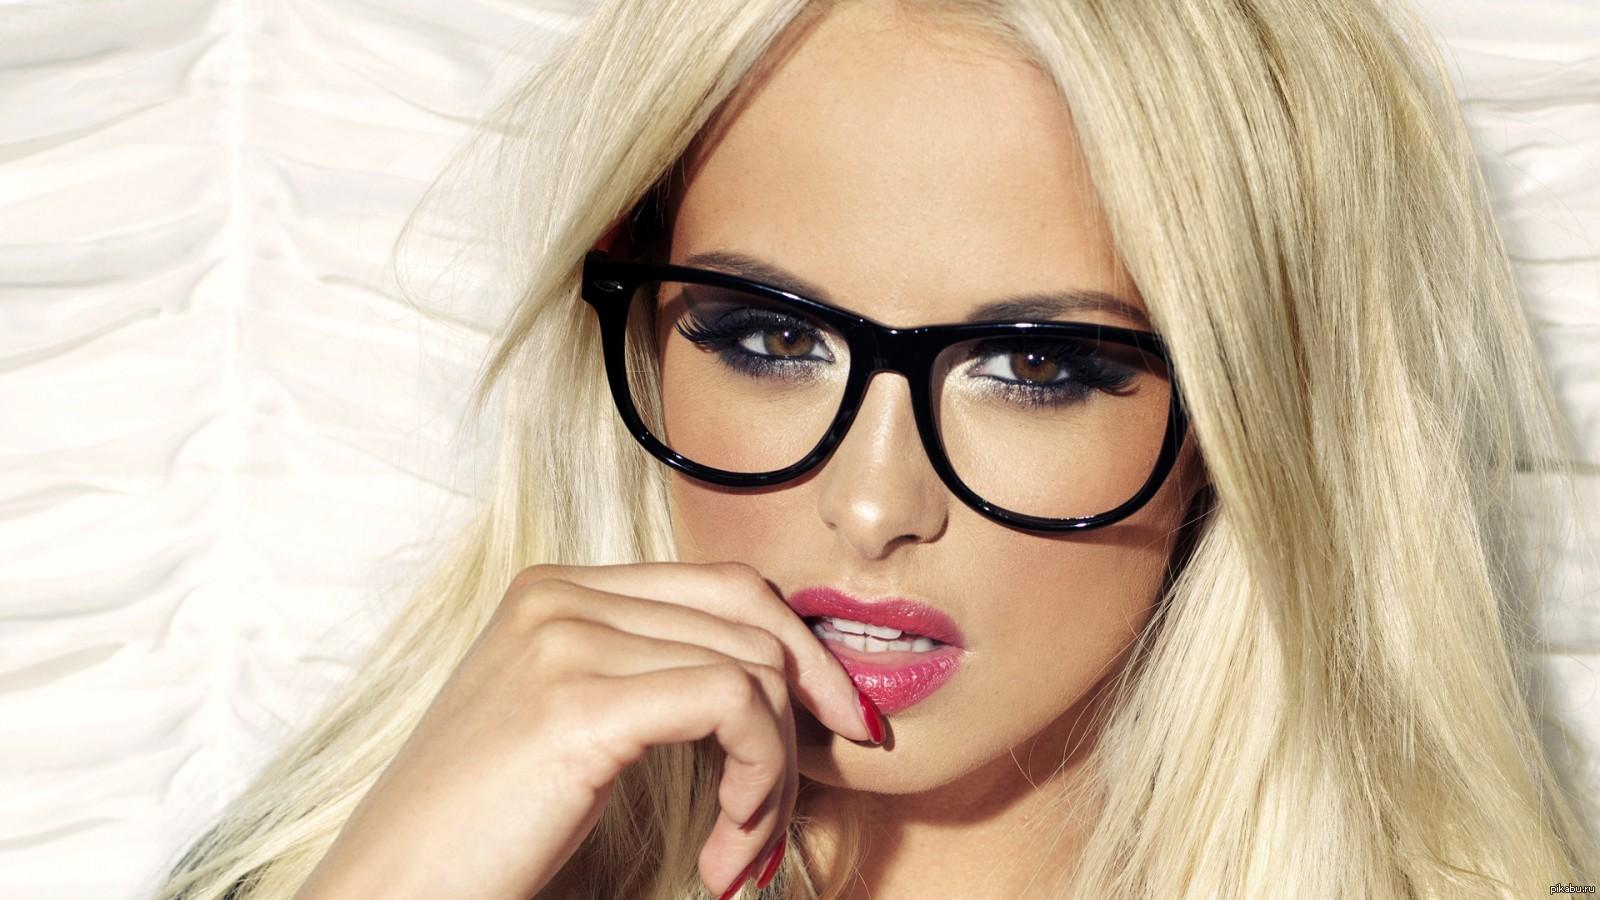 Фото на тему: Стесняюсь носить очки. Что делать?